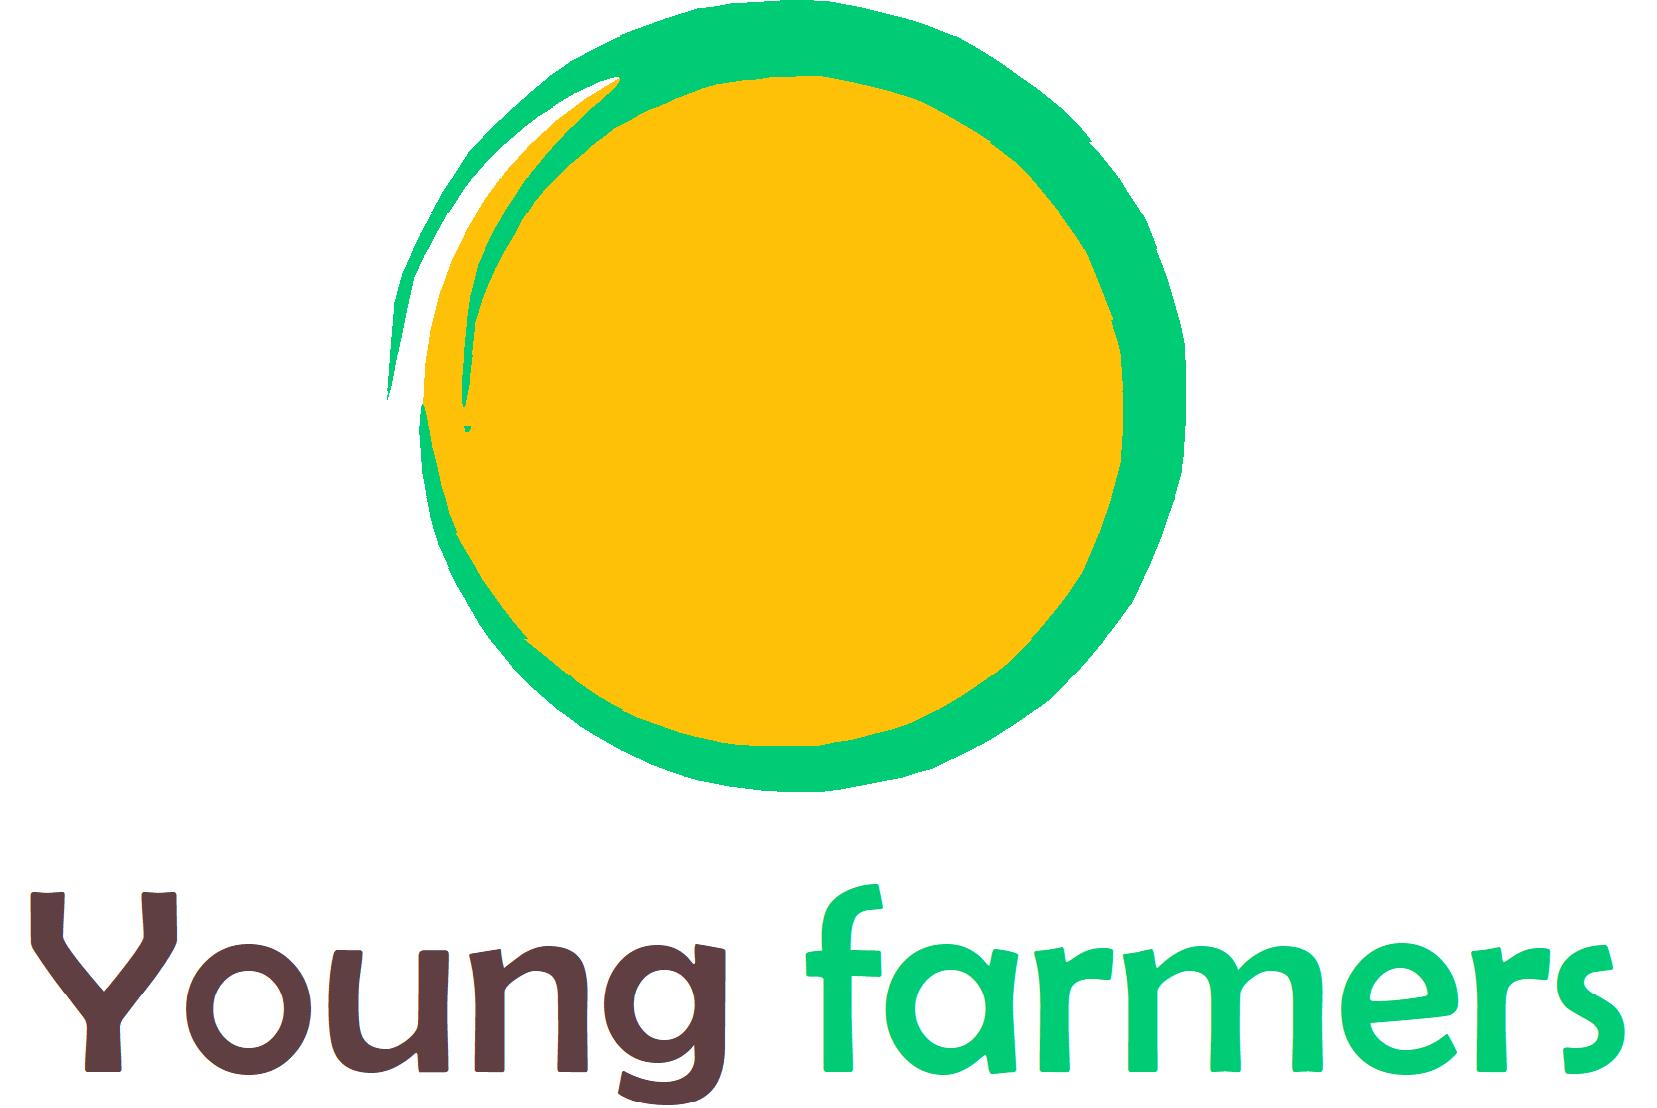 Wspieranie i zwiększanie konkurencyjności młodych rolników z UE: CIRCLE dołączył do drugiego międzynarodowego spotkania projektowego MŁODYCH ROLNIKÓW